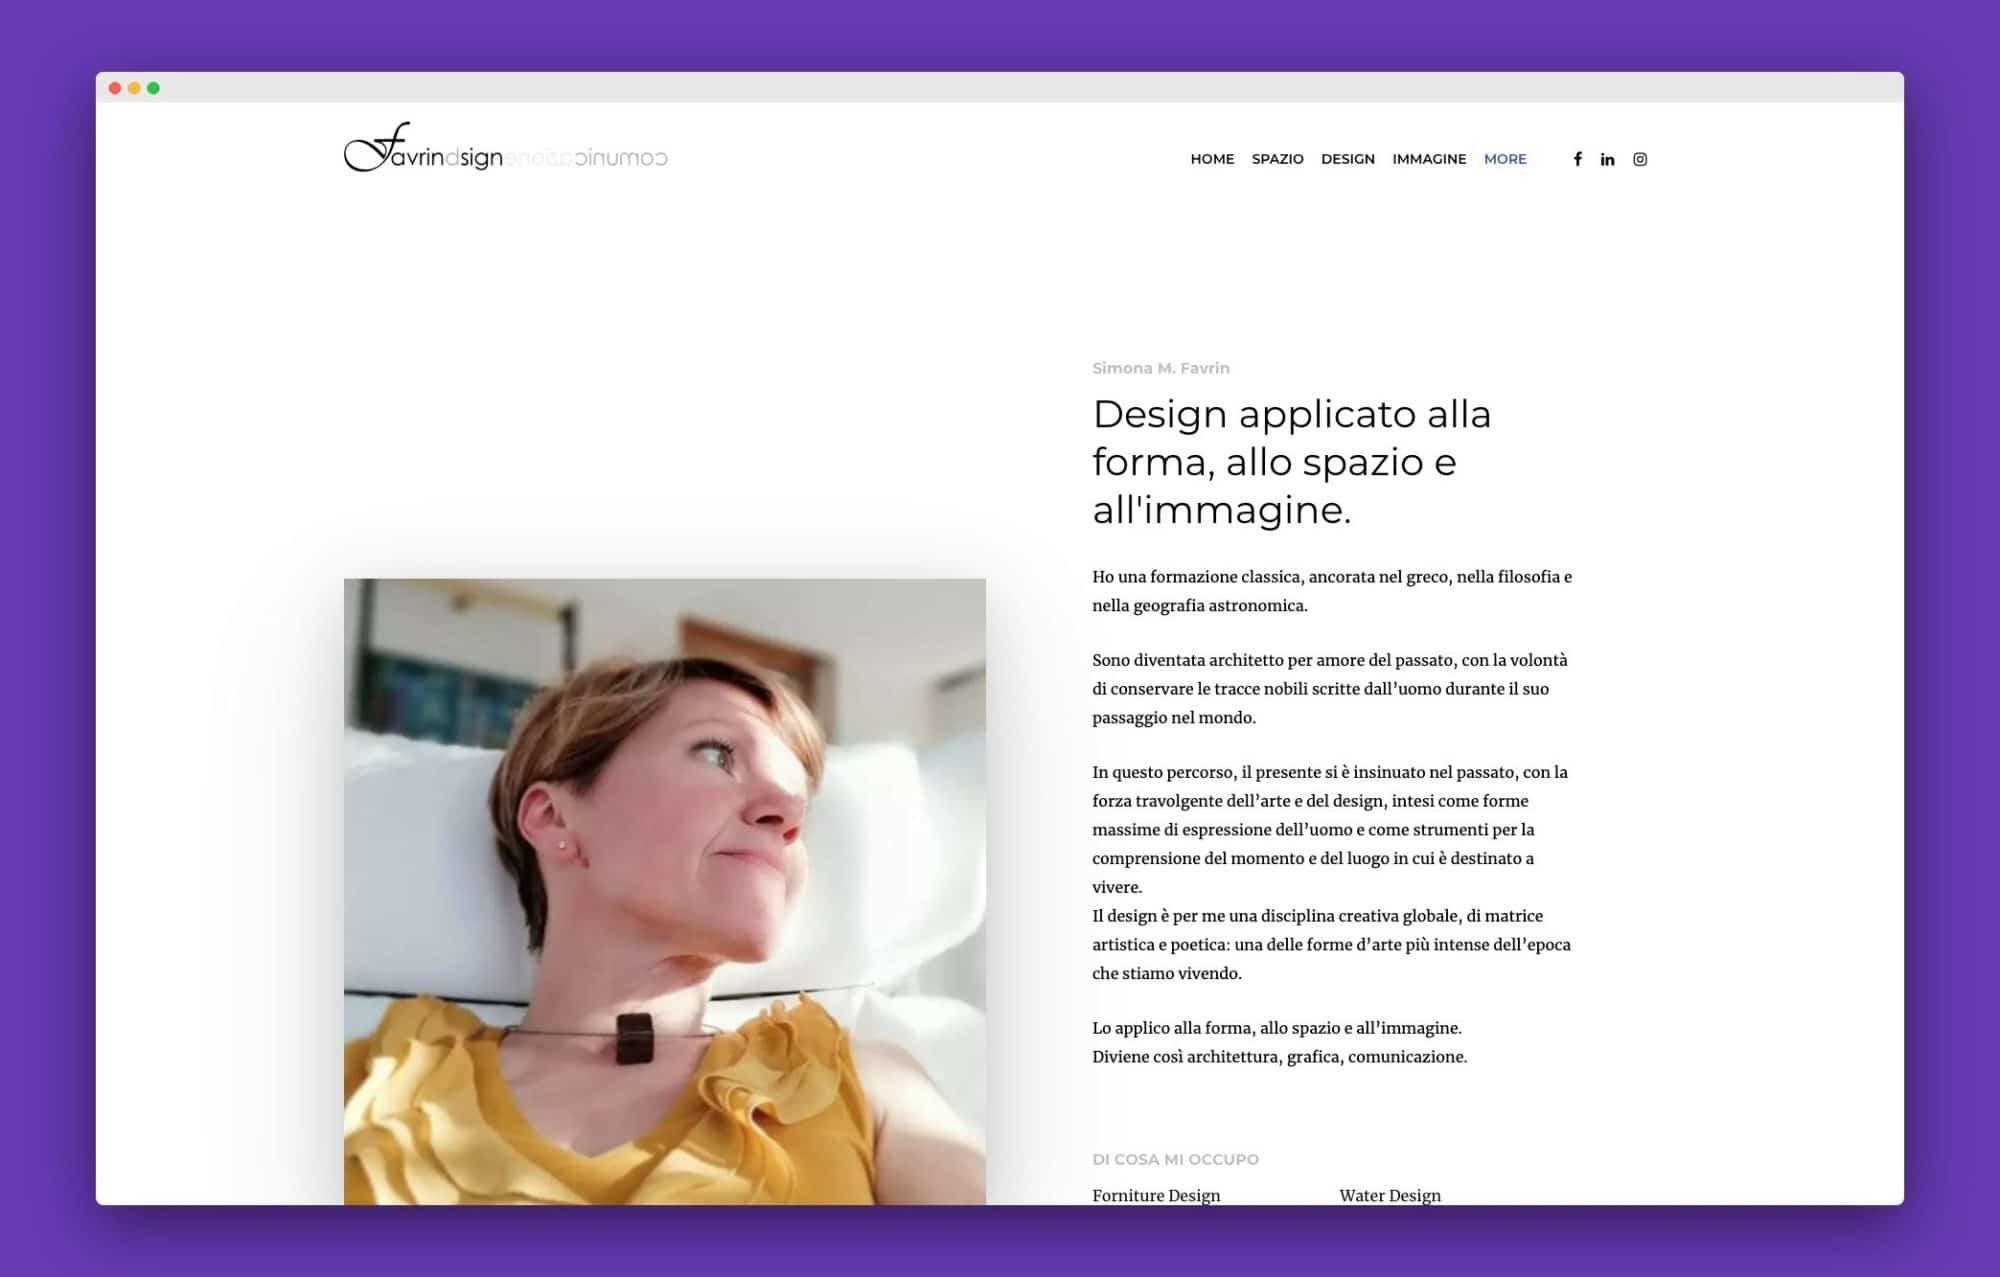 realizzazione sito internet architetto venezia 5 - Favrin Design - Architecture and Design